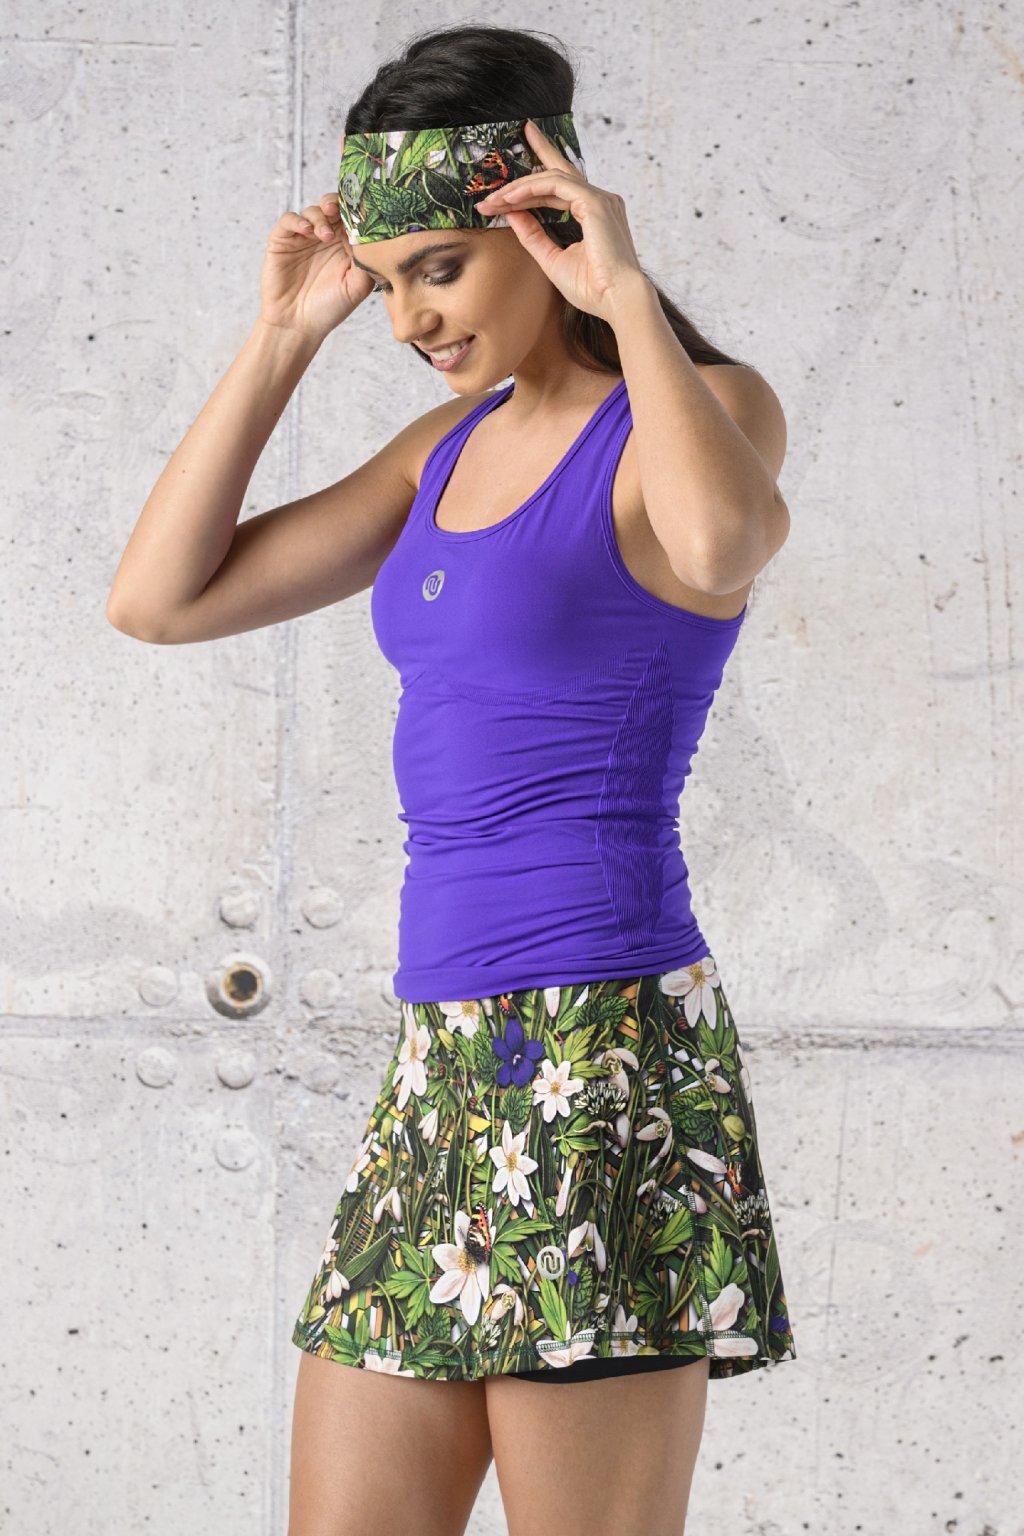 Sportovní top ultra light DFU59 - Purple